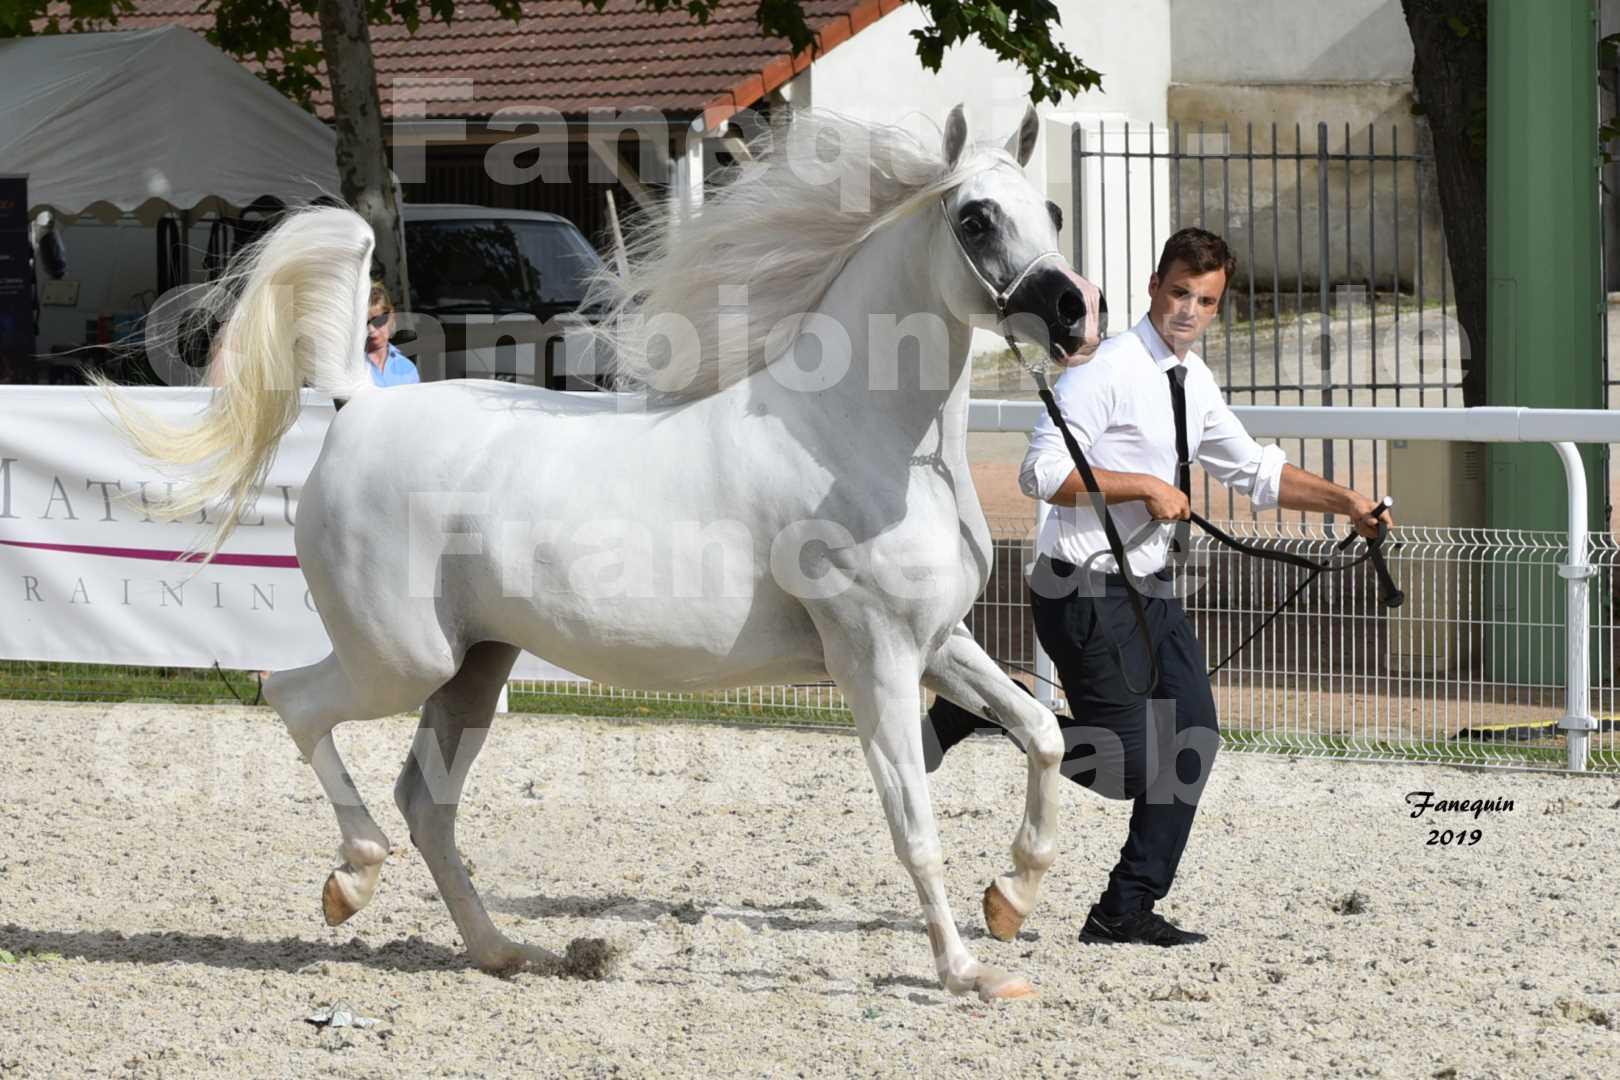 Championnat de France des chevaux Arabes en 2019 à VICHY - PIWNICIA NUNKI - 1